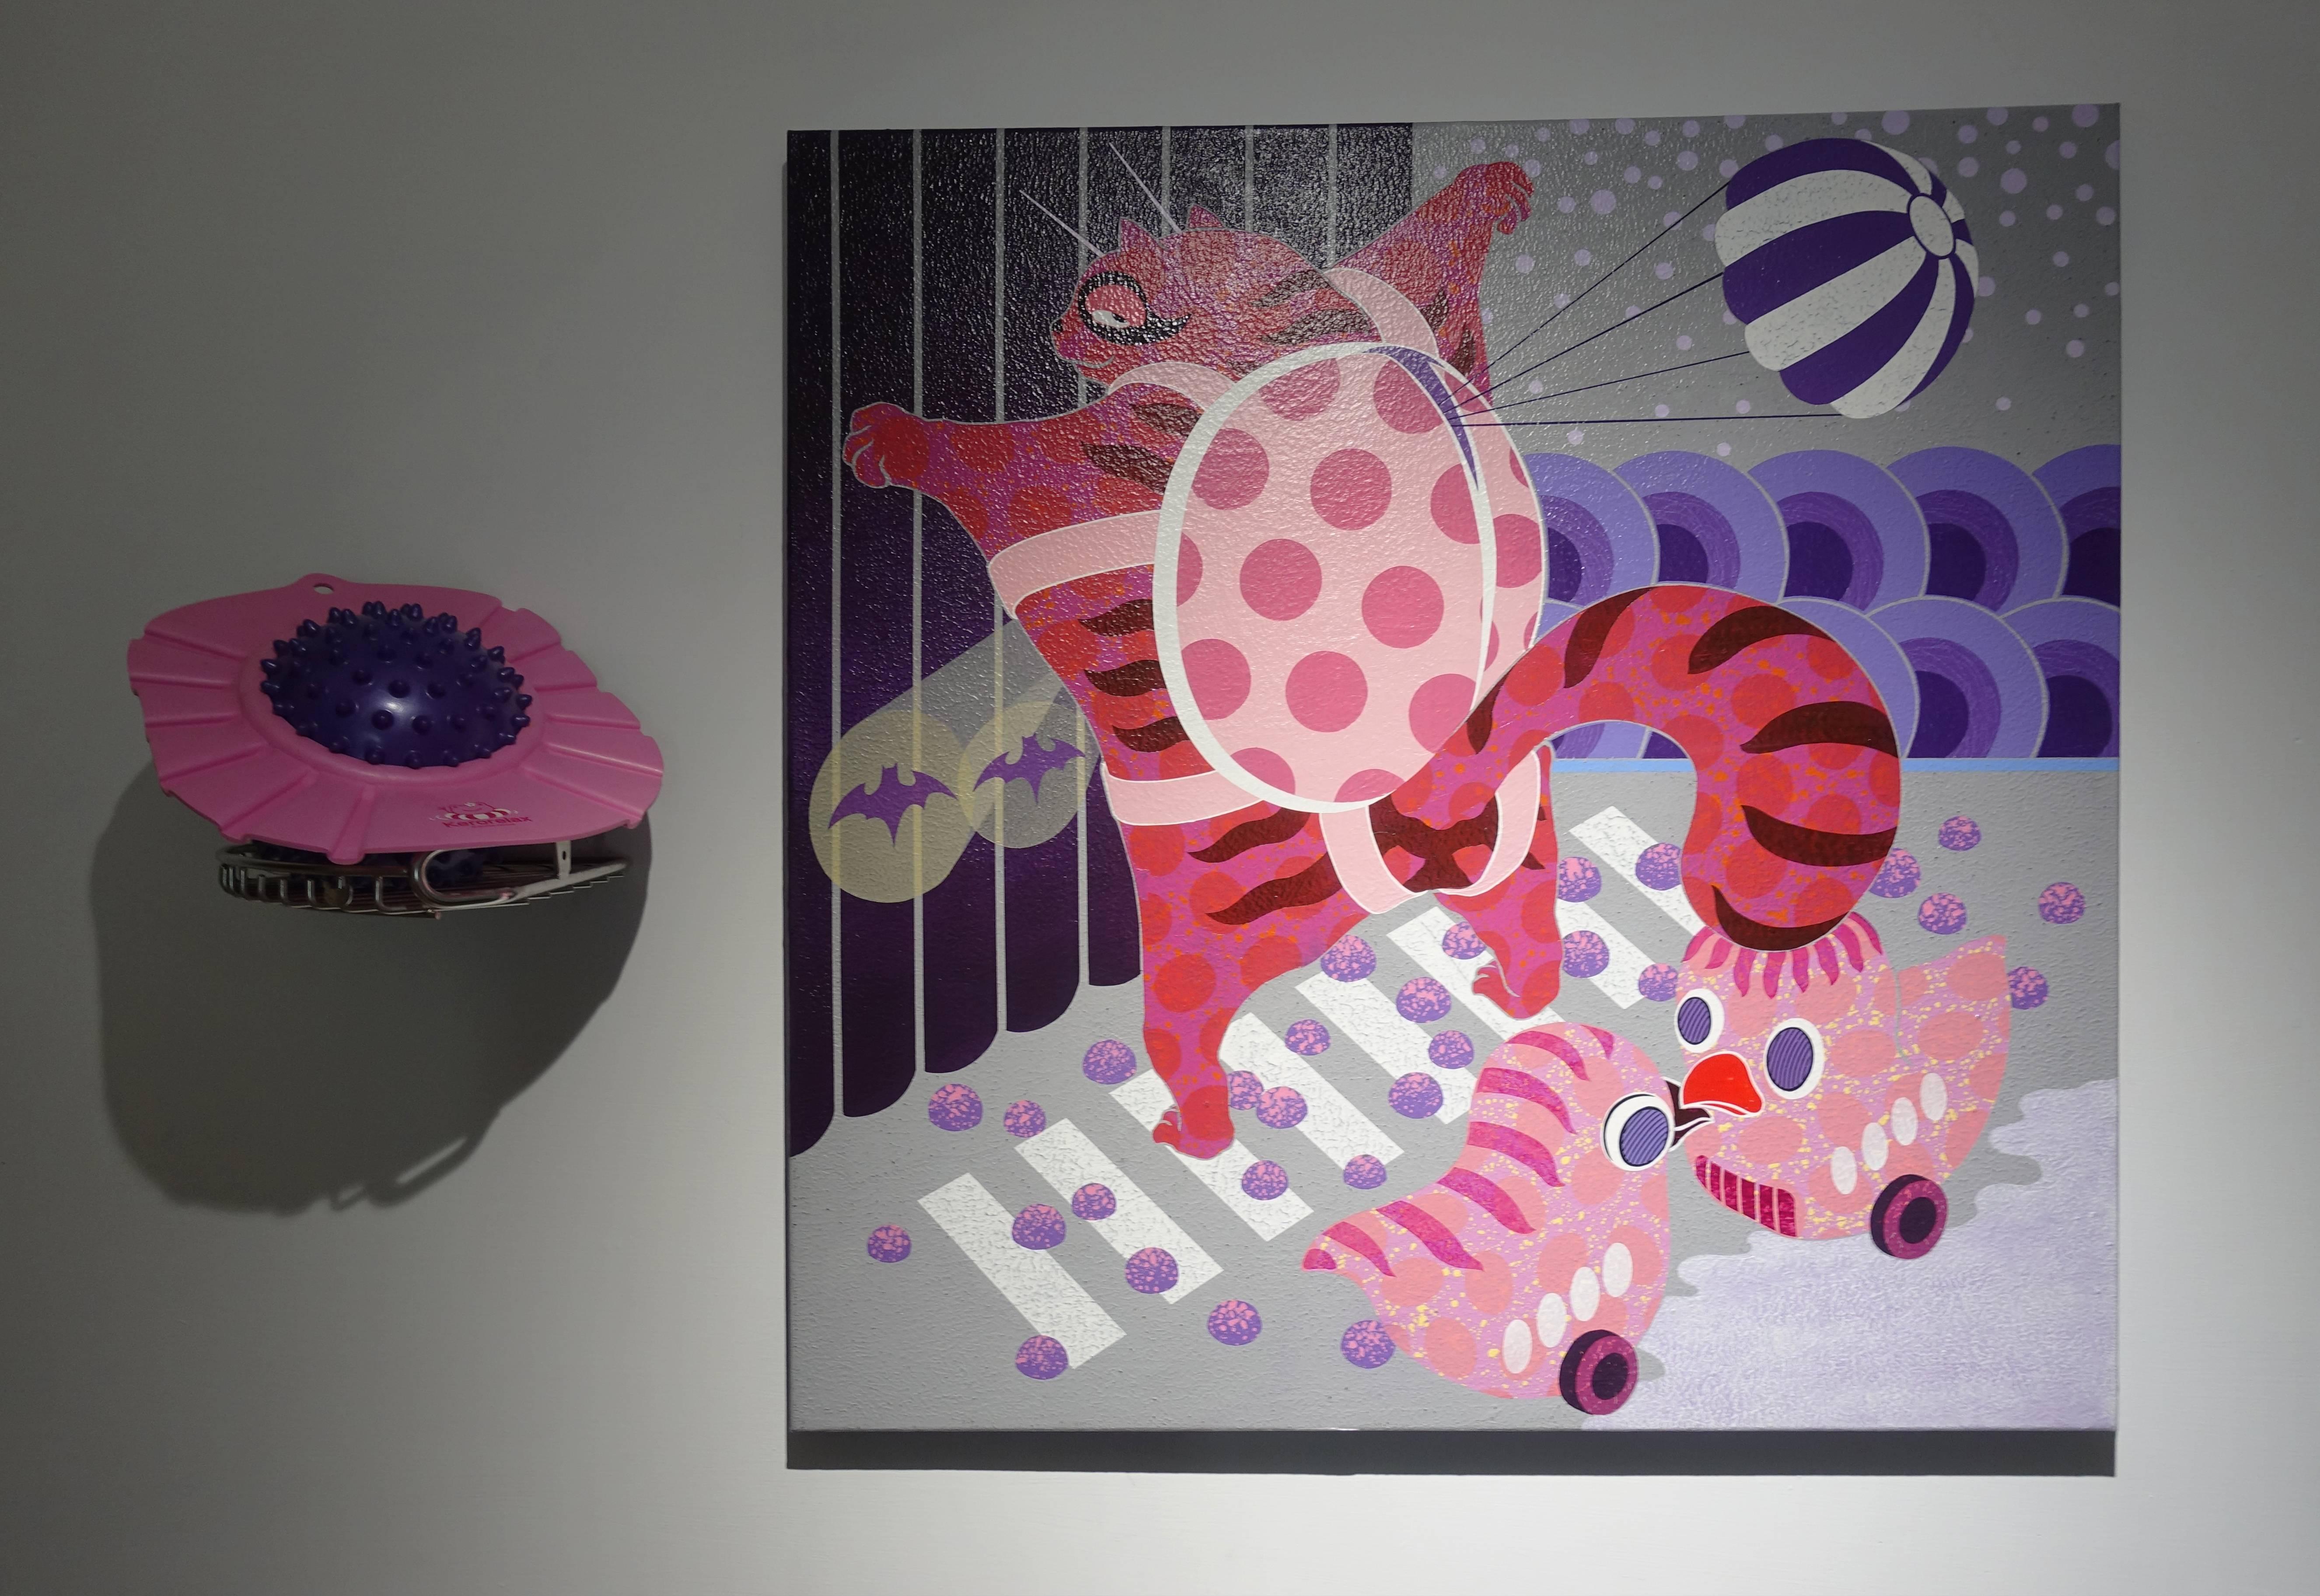 廖堉安,《甜蜜的包袱Sweet Burden》,壓克力、畫布,80x80 cm,2018。